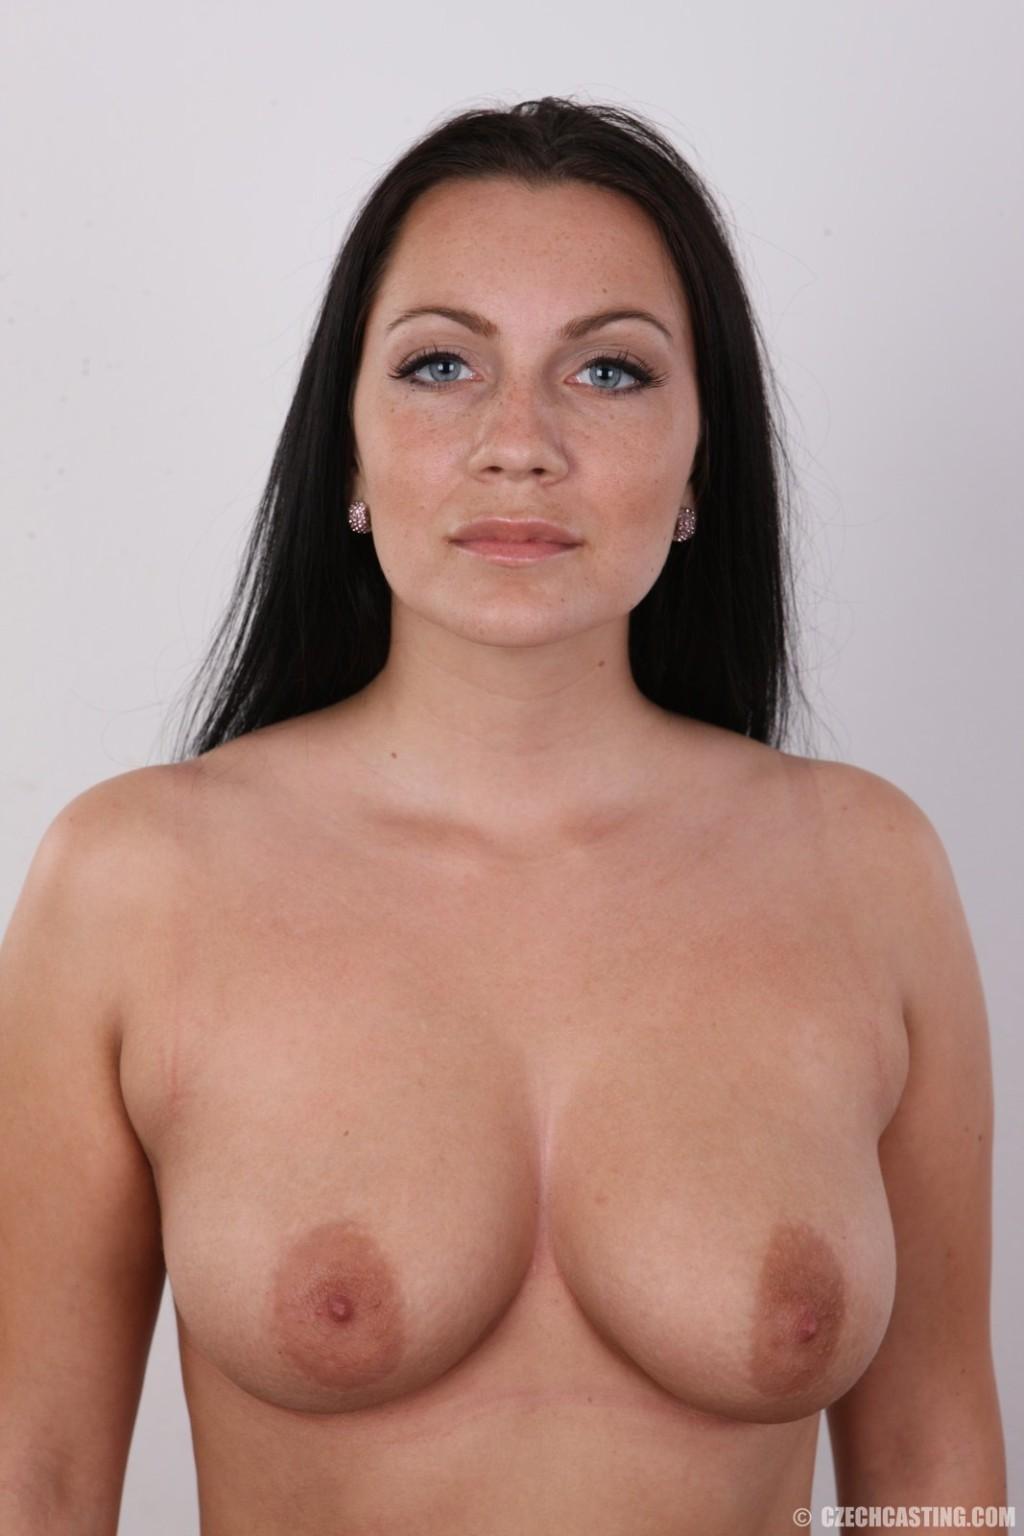 Зрелая брюнетка с хорошим телом позирует голая стоя